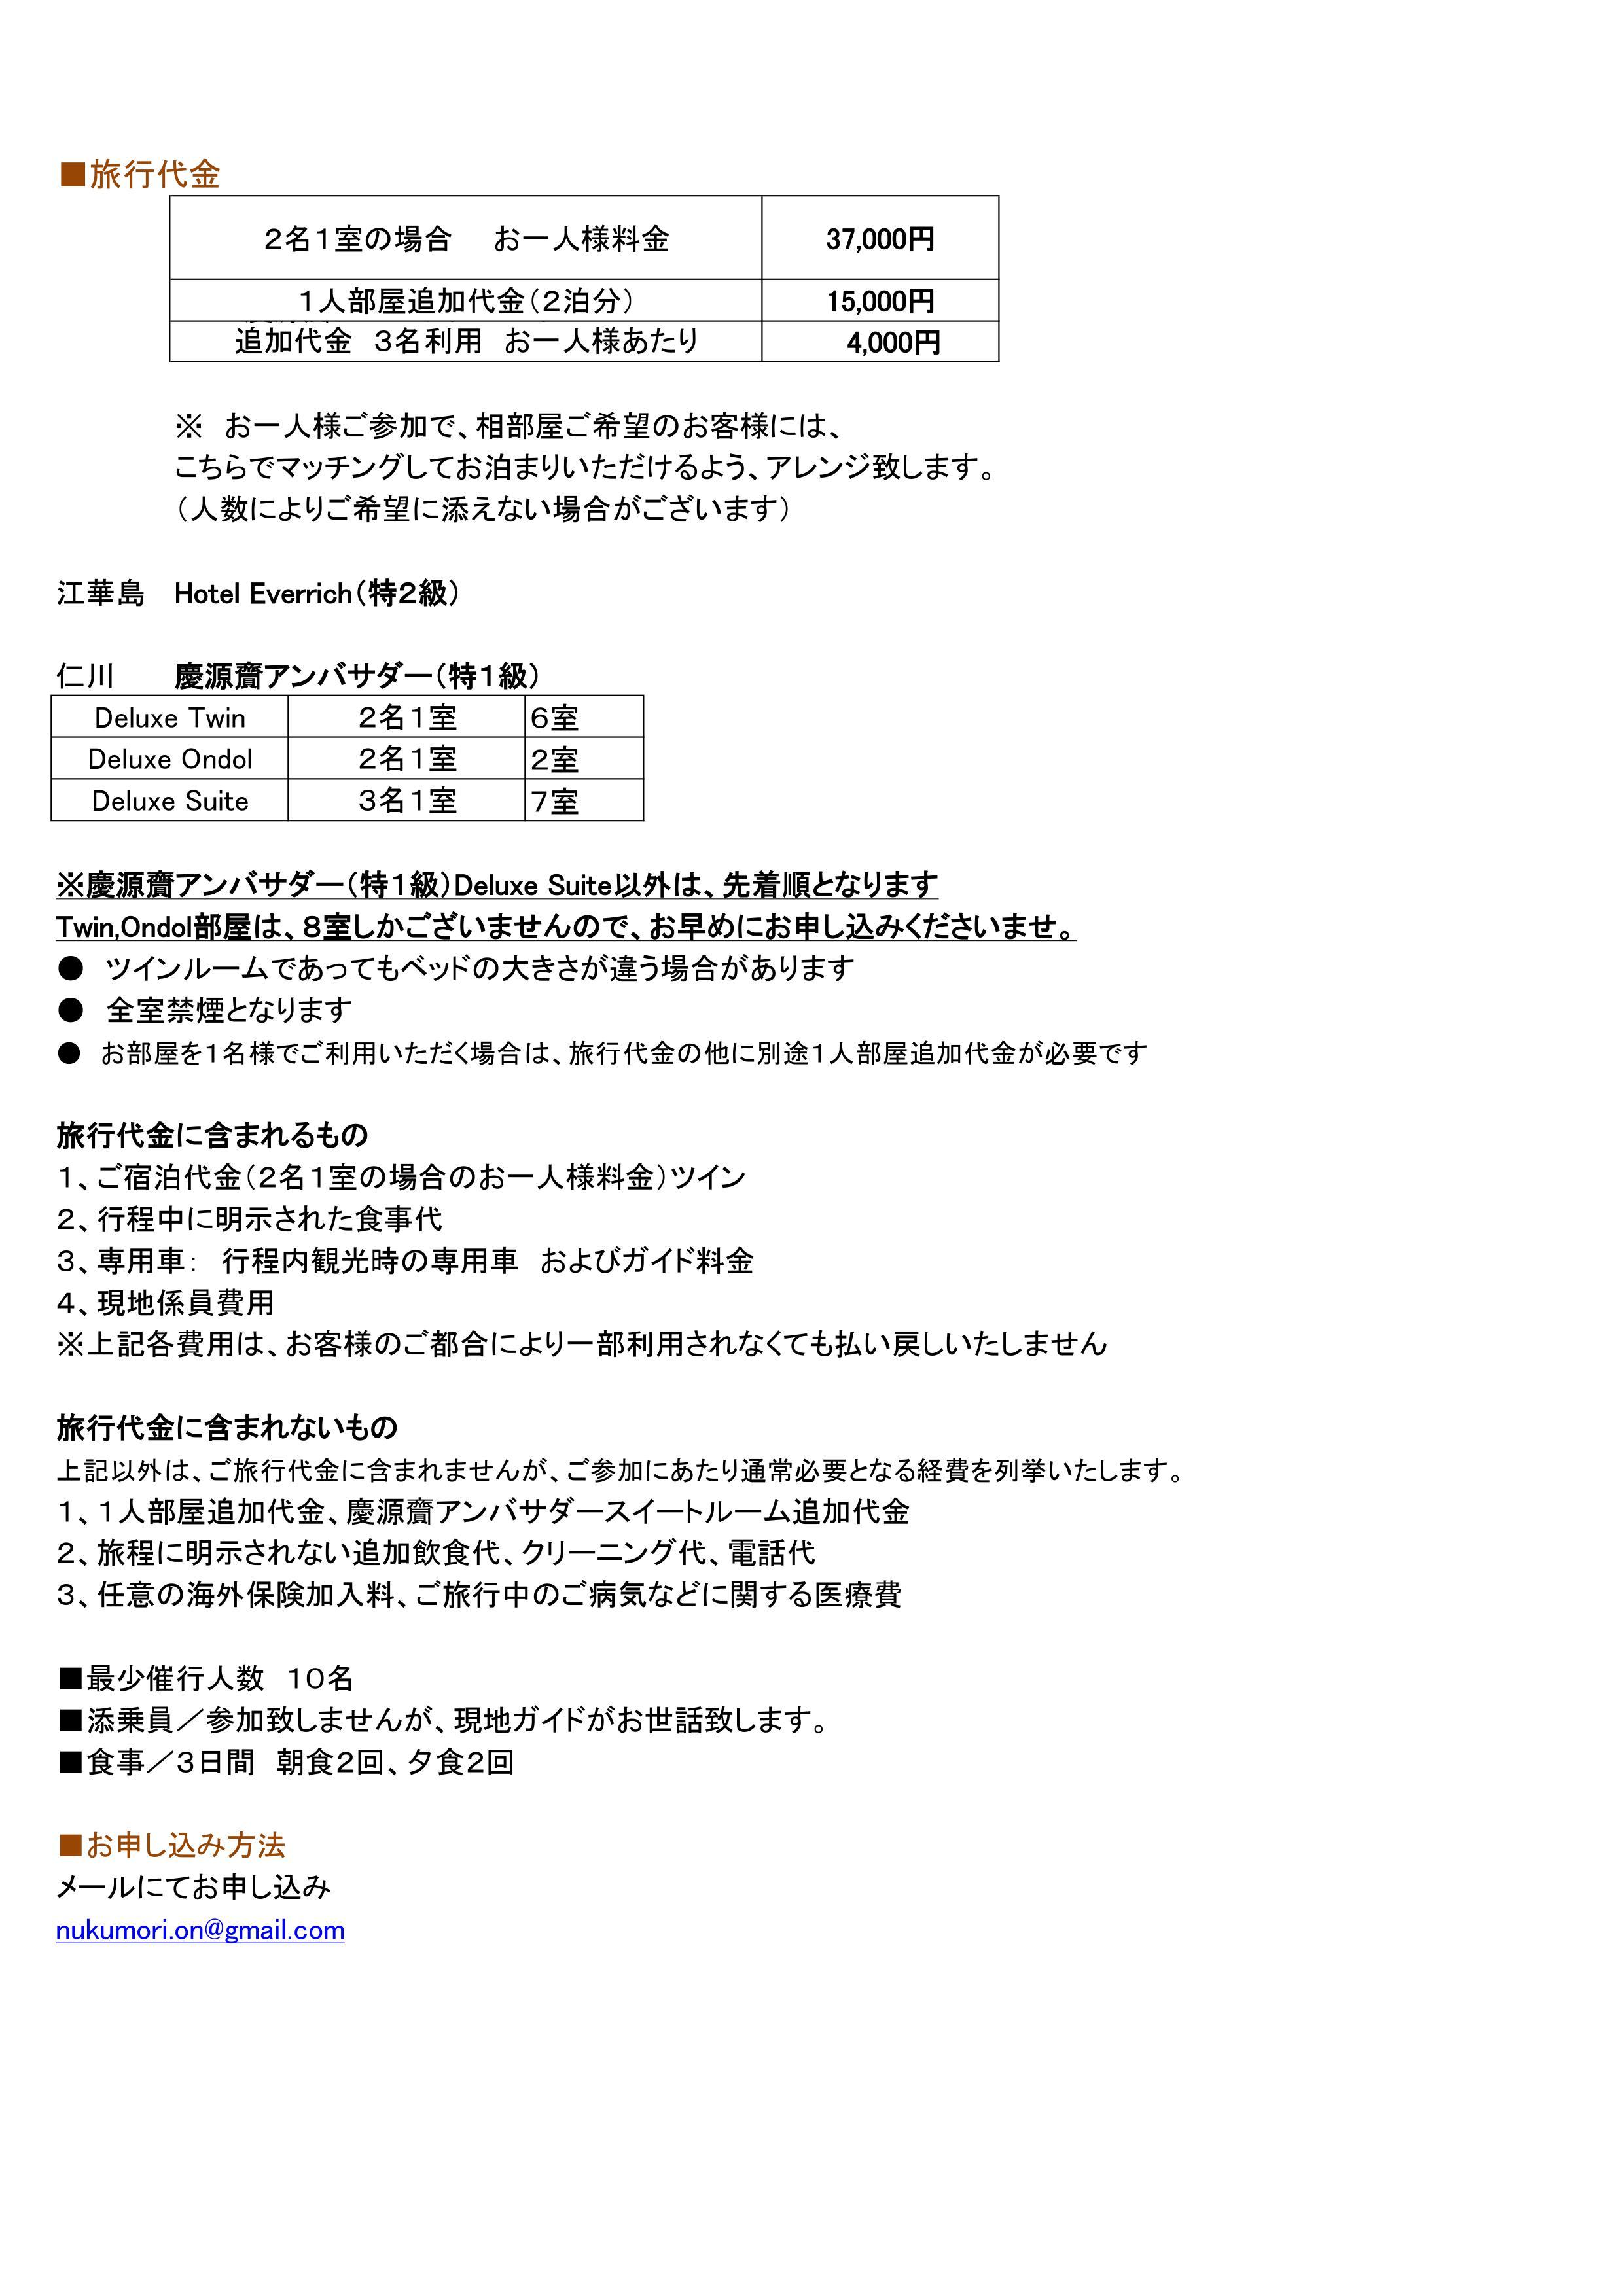 FB公開スケジュールJPG原本2